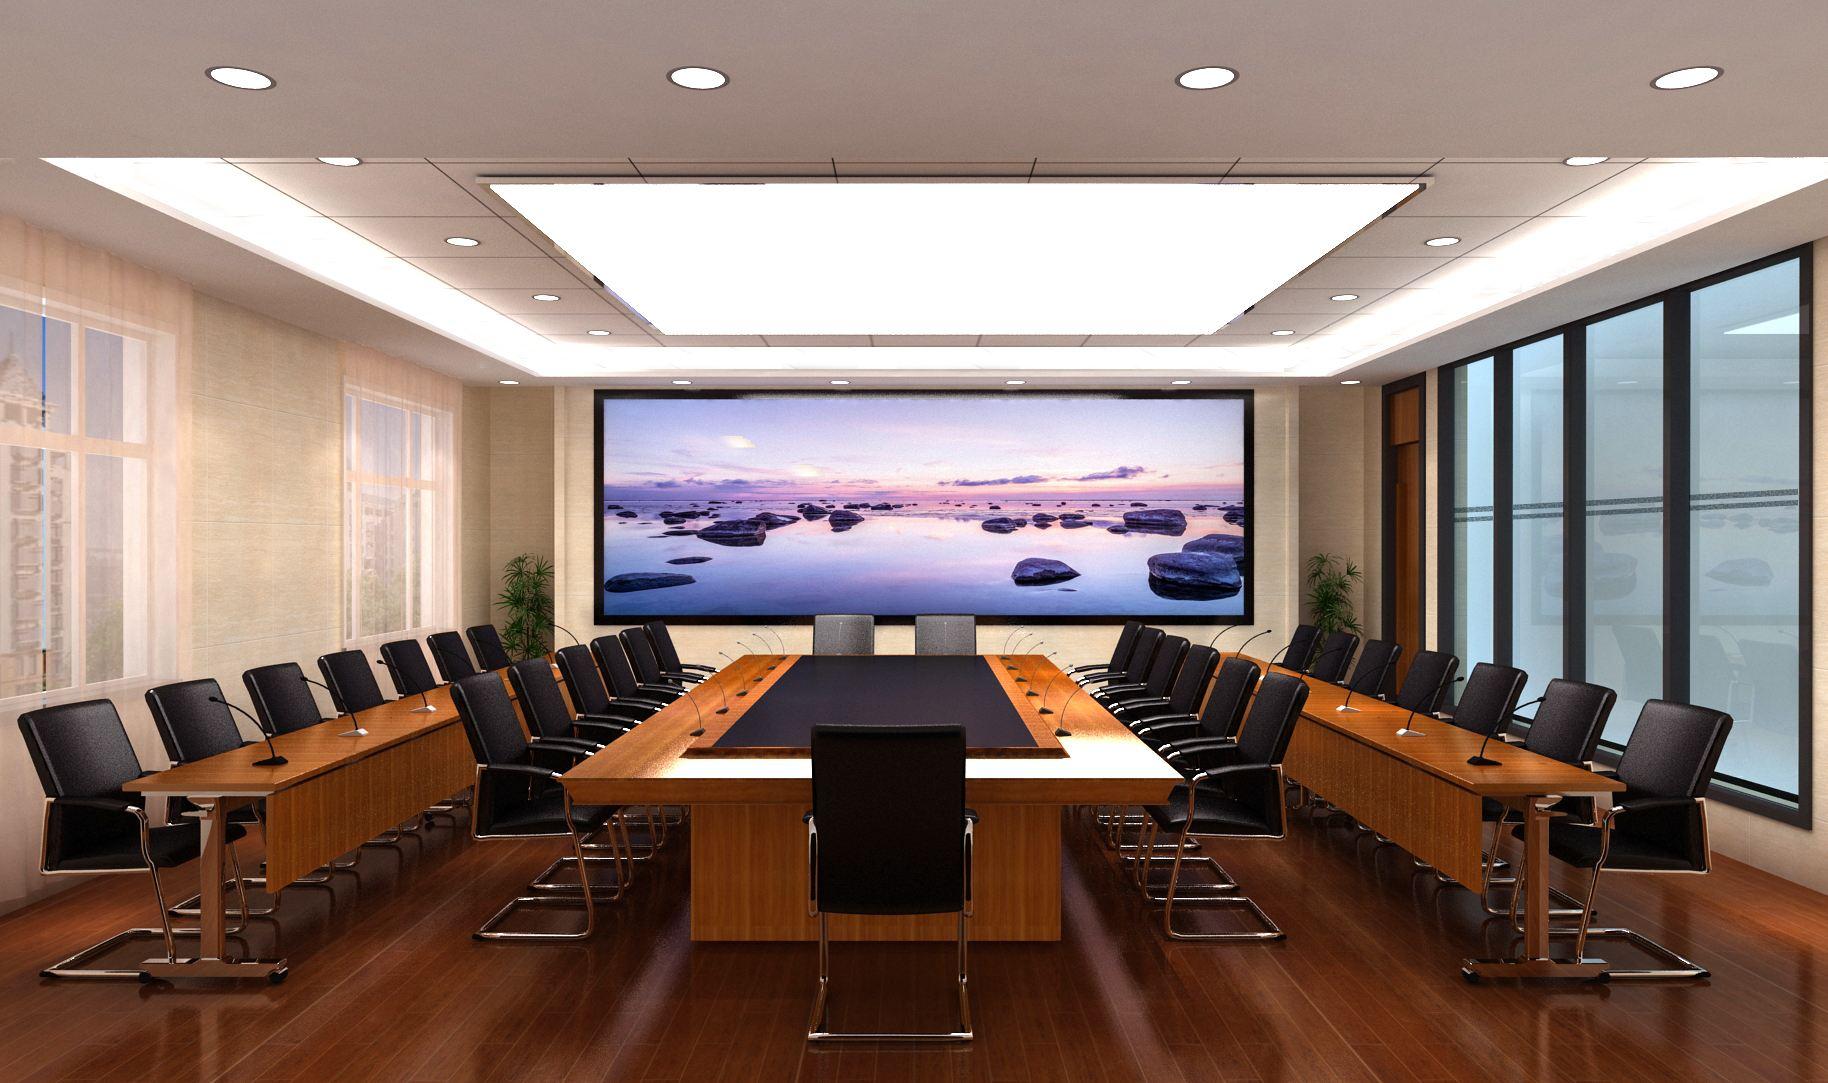 深圳乐泊科技与熙雅盟达成86寸会议平板定制采购合作